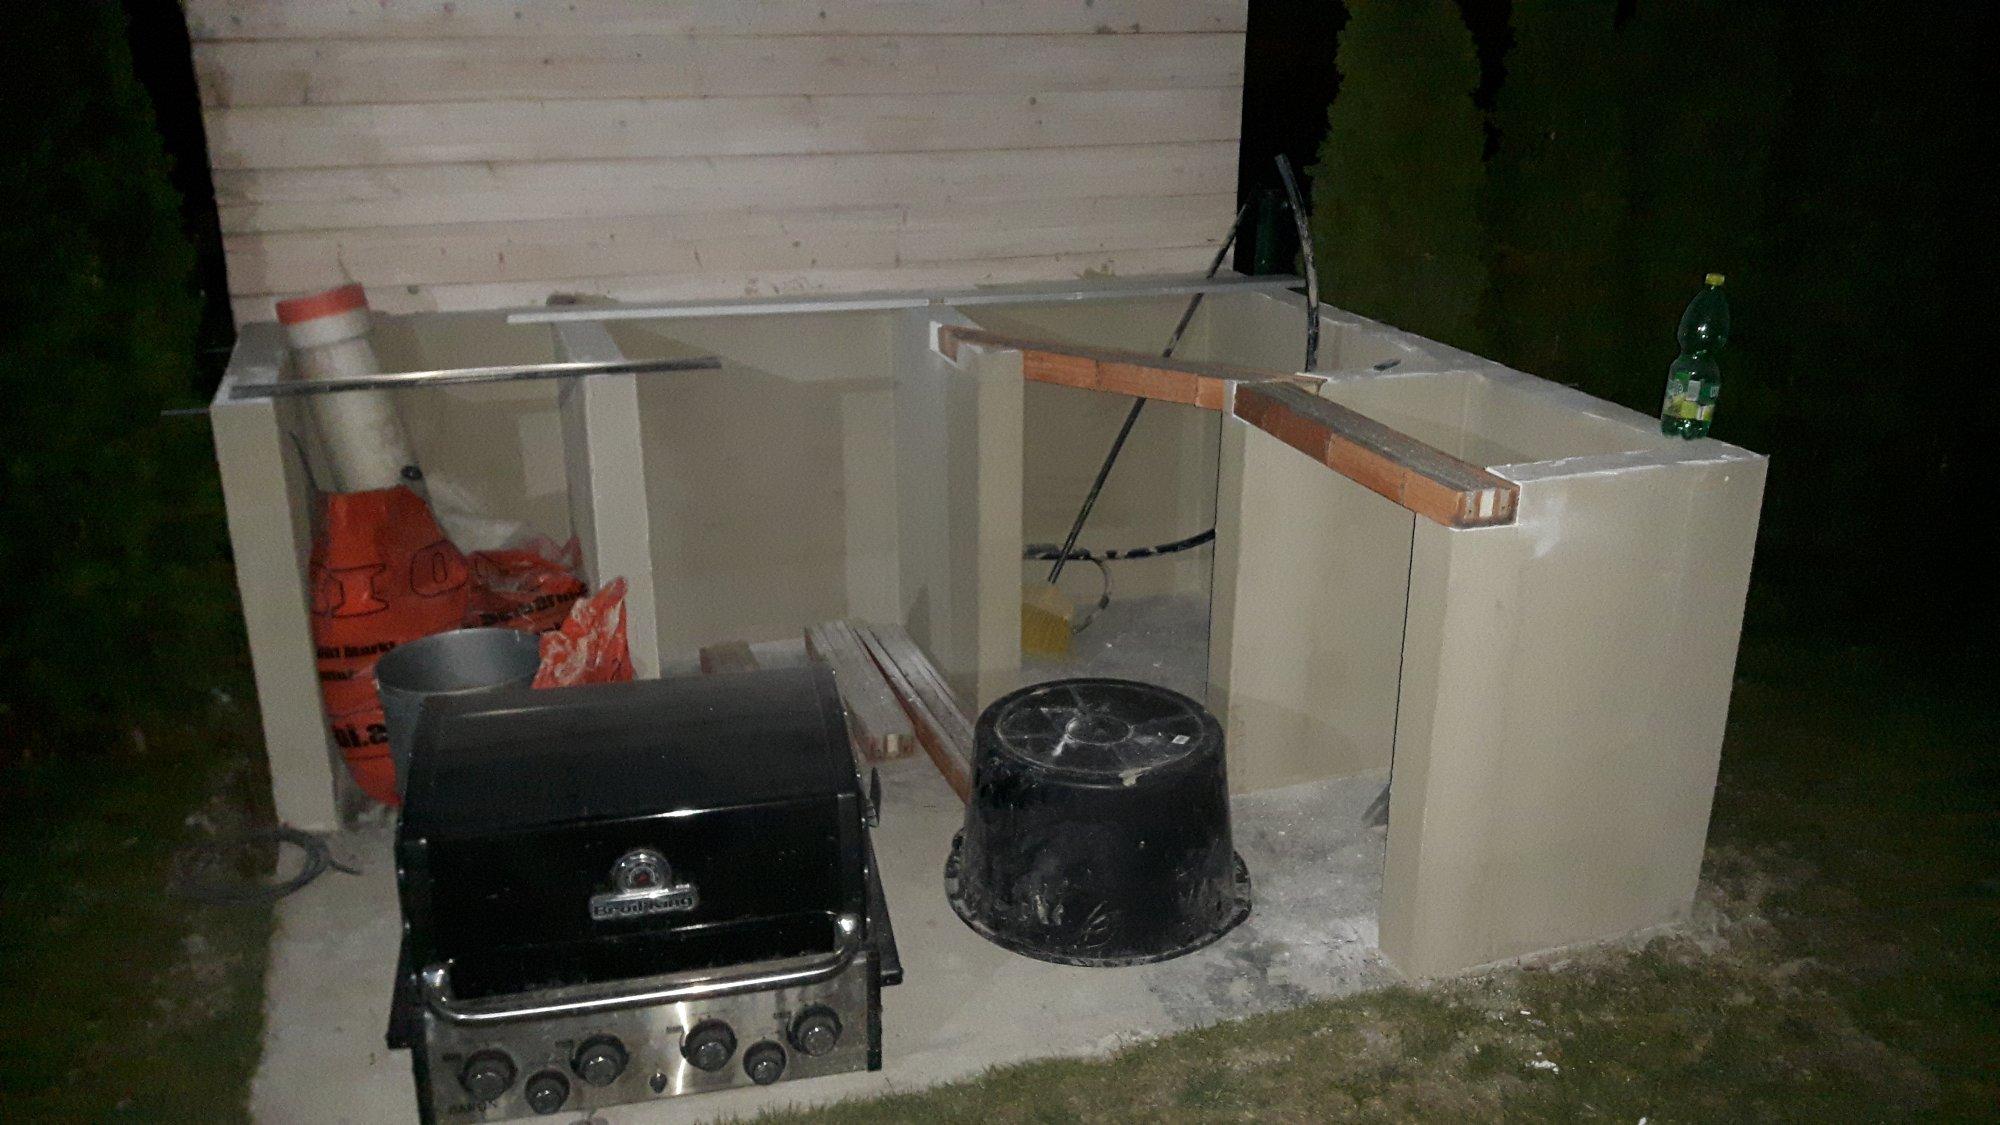 Outdoor Küche Kamado Joe : Outdoor küche eigenbau grillforum und bbq www.grillsportverein.de